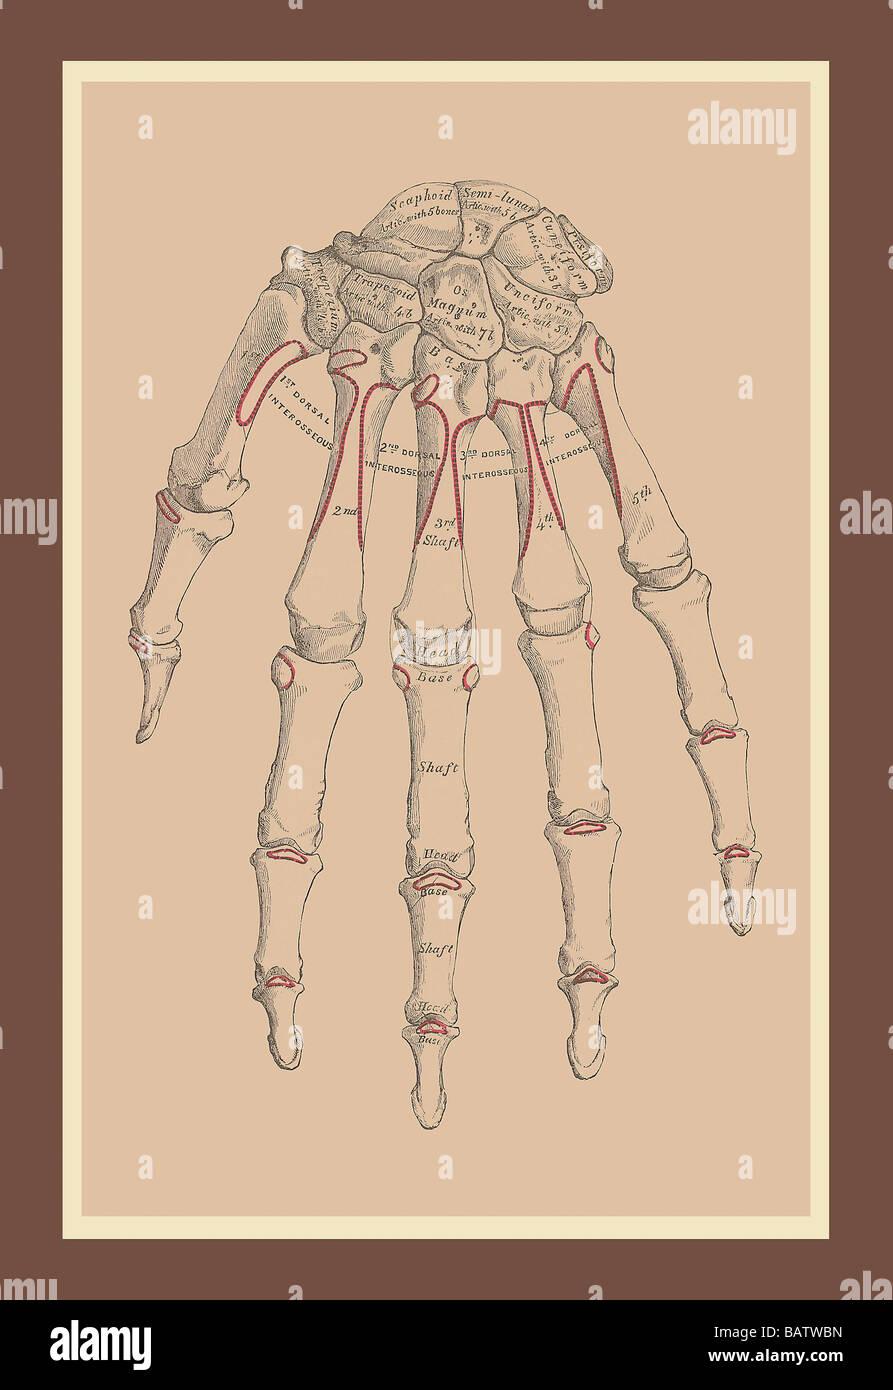 Ausgezeichnet Anatomie Und Physiologie Praxis Tests Knochen ...